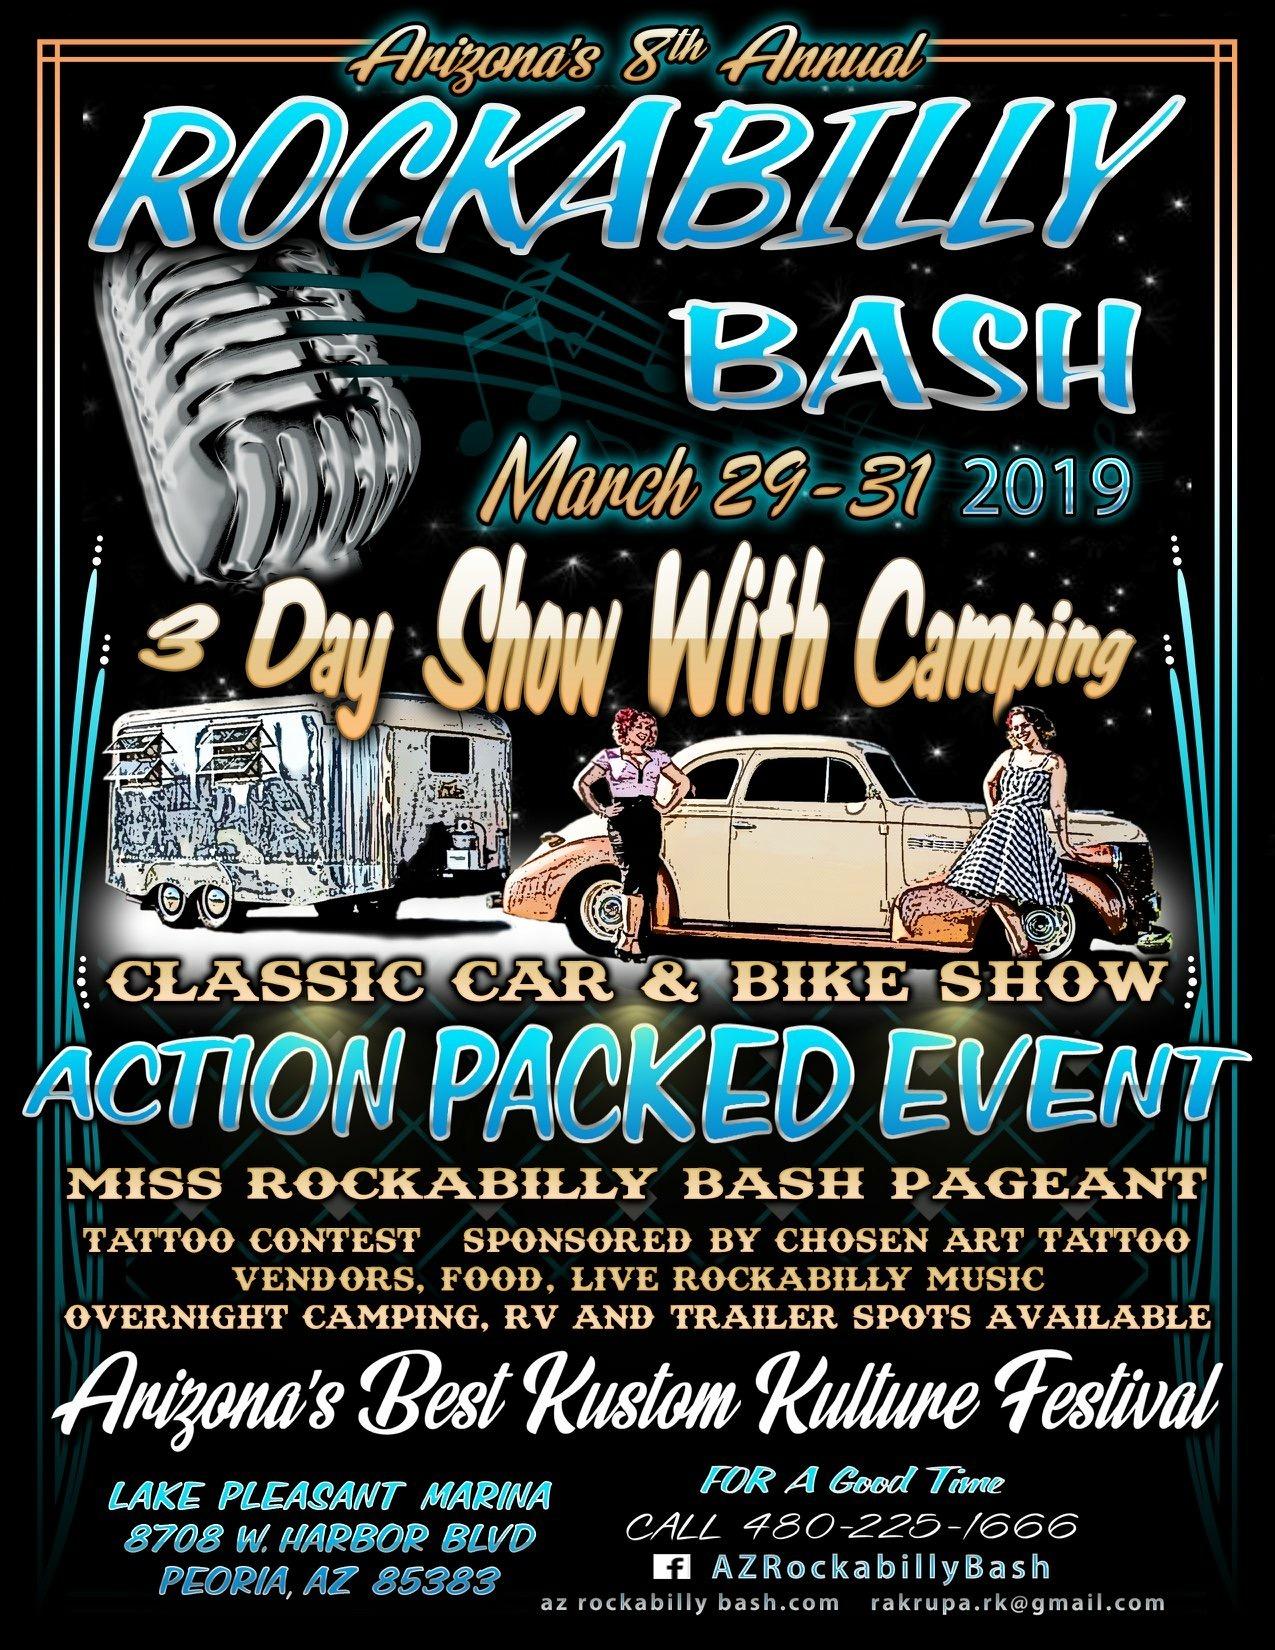 Rockabilly Bash March 29th March 30th March 31st 2019 Chosen Art Tattoo